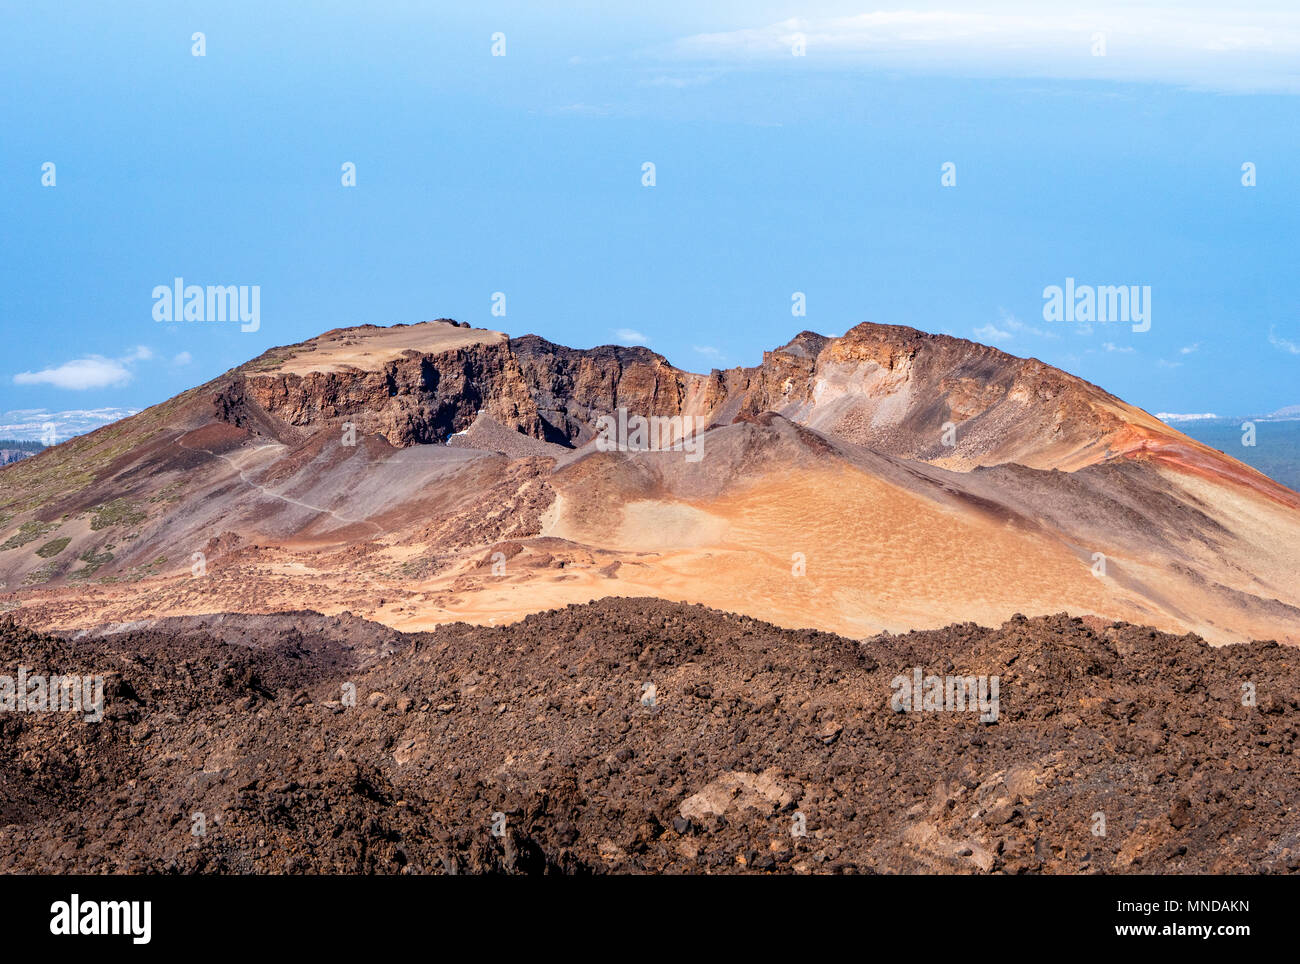 Die alten ruhenden Krater Pico Viejo und die Nasenlöcher Narices del Teide der Teide Wie vom Gipfel Mirador gesehen - den Teide Kanarische Inseln Stockbild